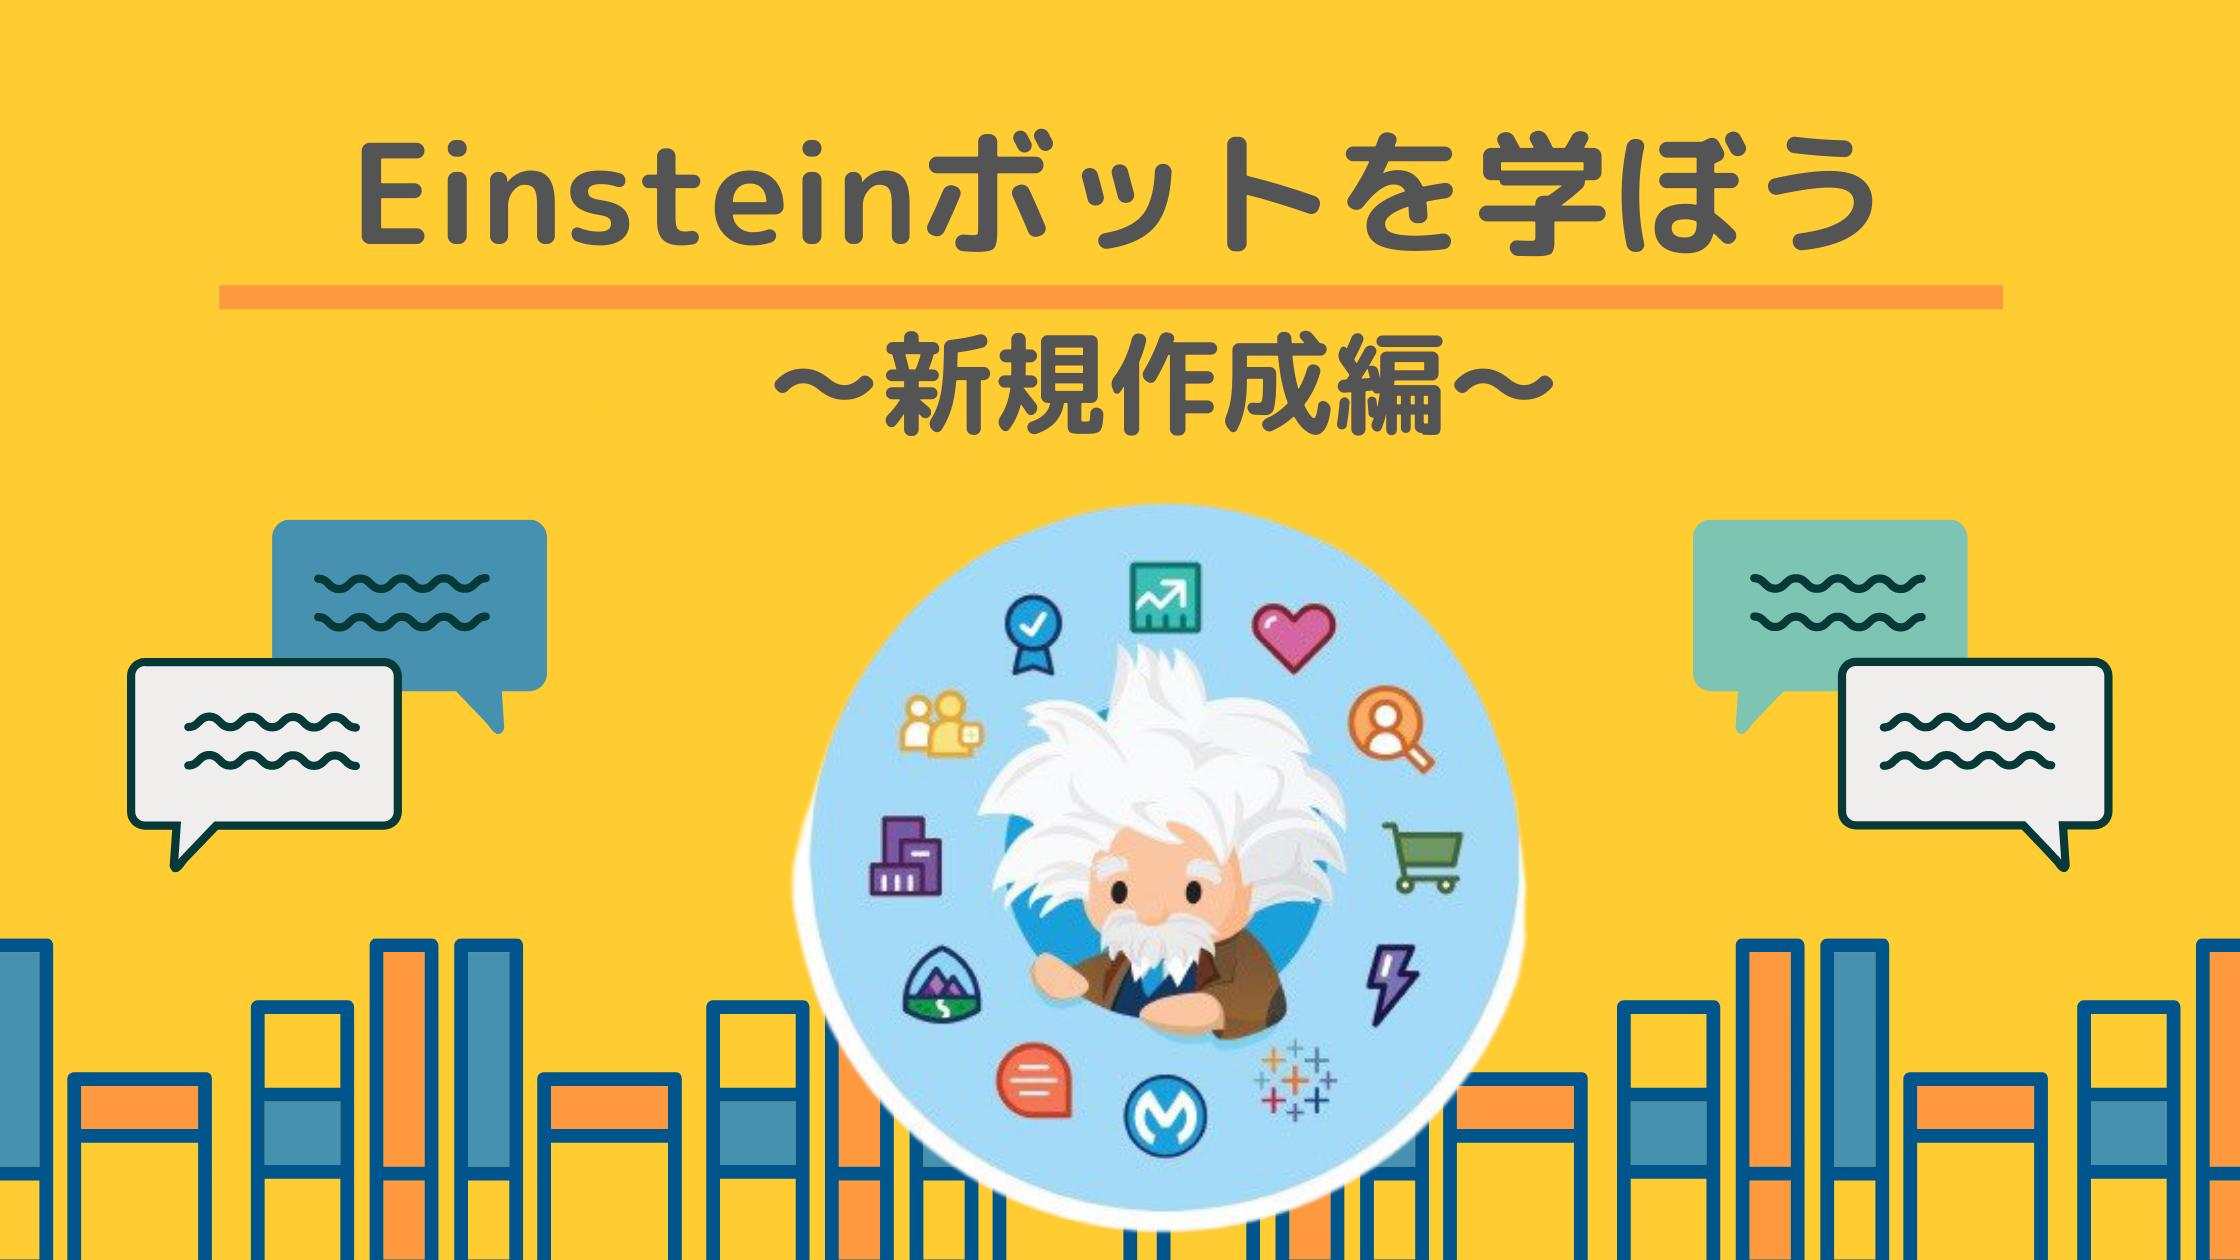 【設定編】Salesforceの機能「Einsteinボット」を新規作成しよう